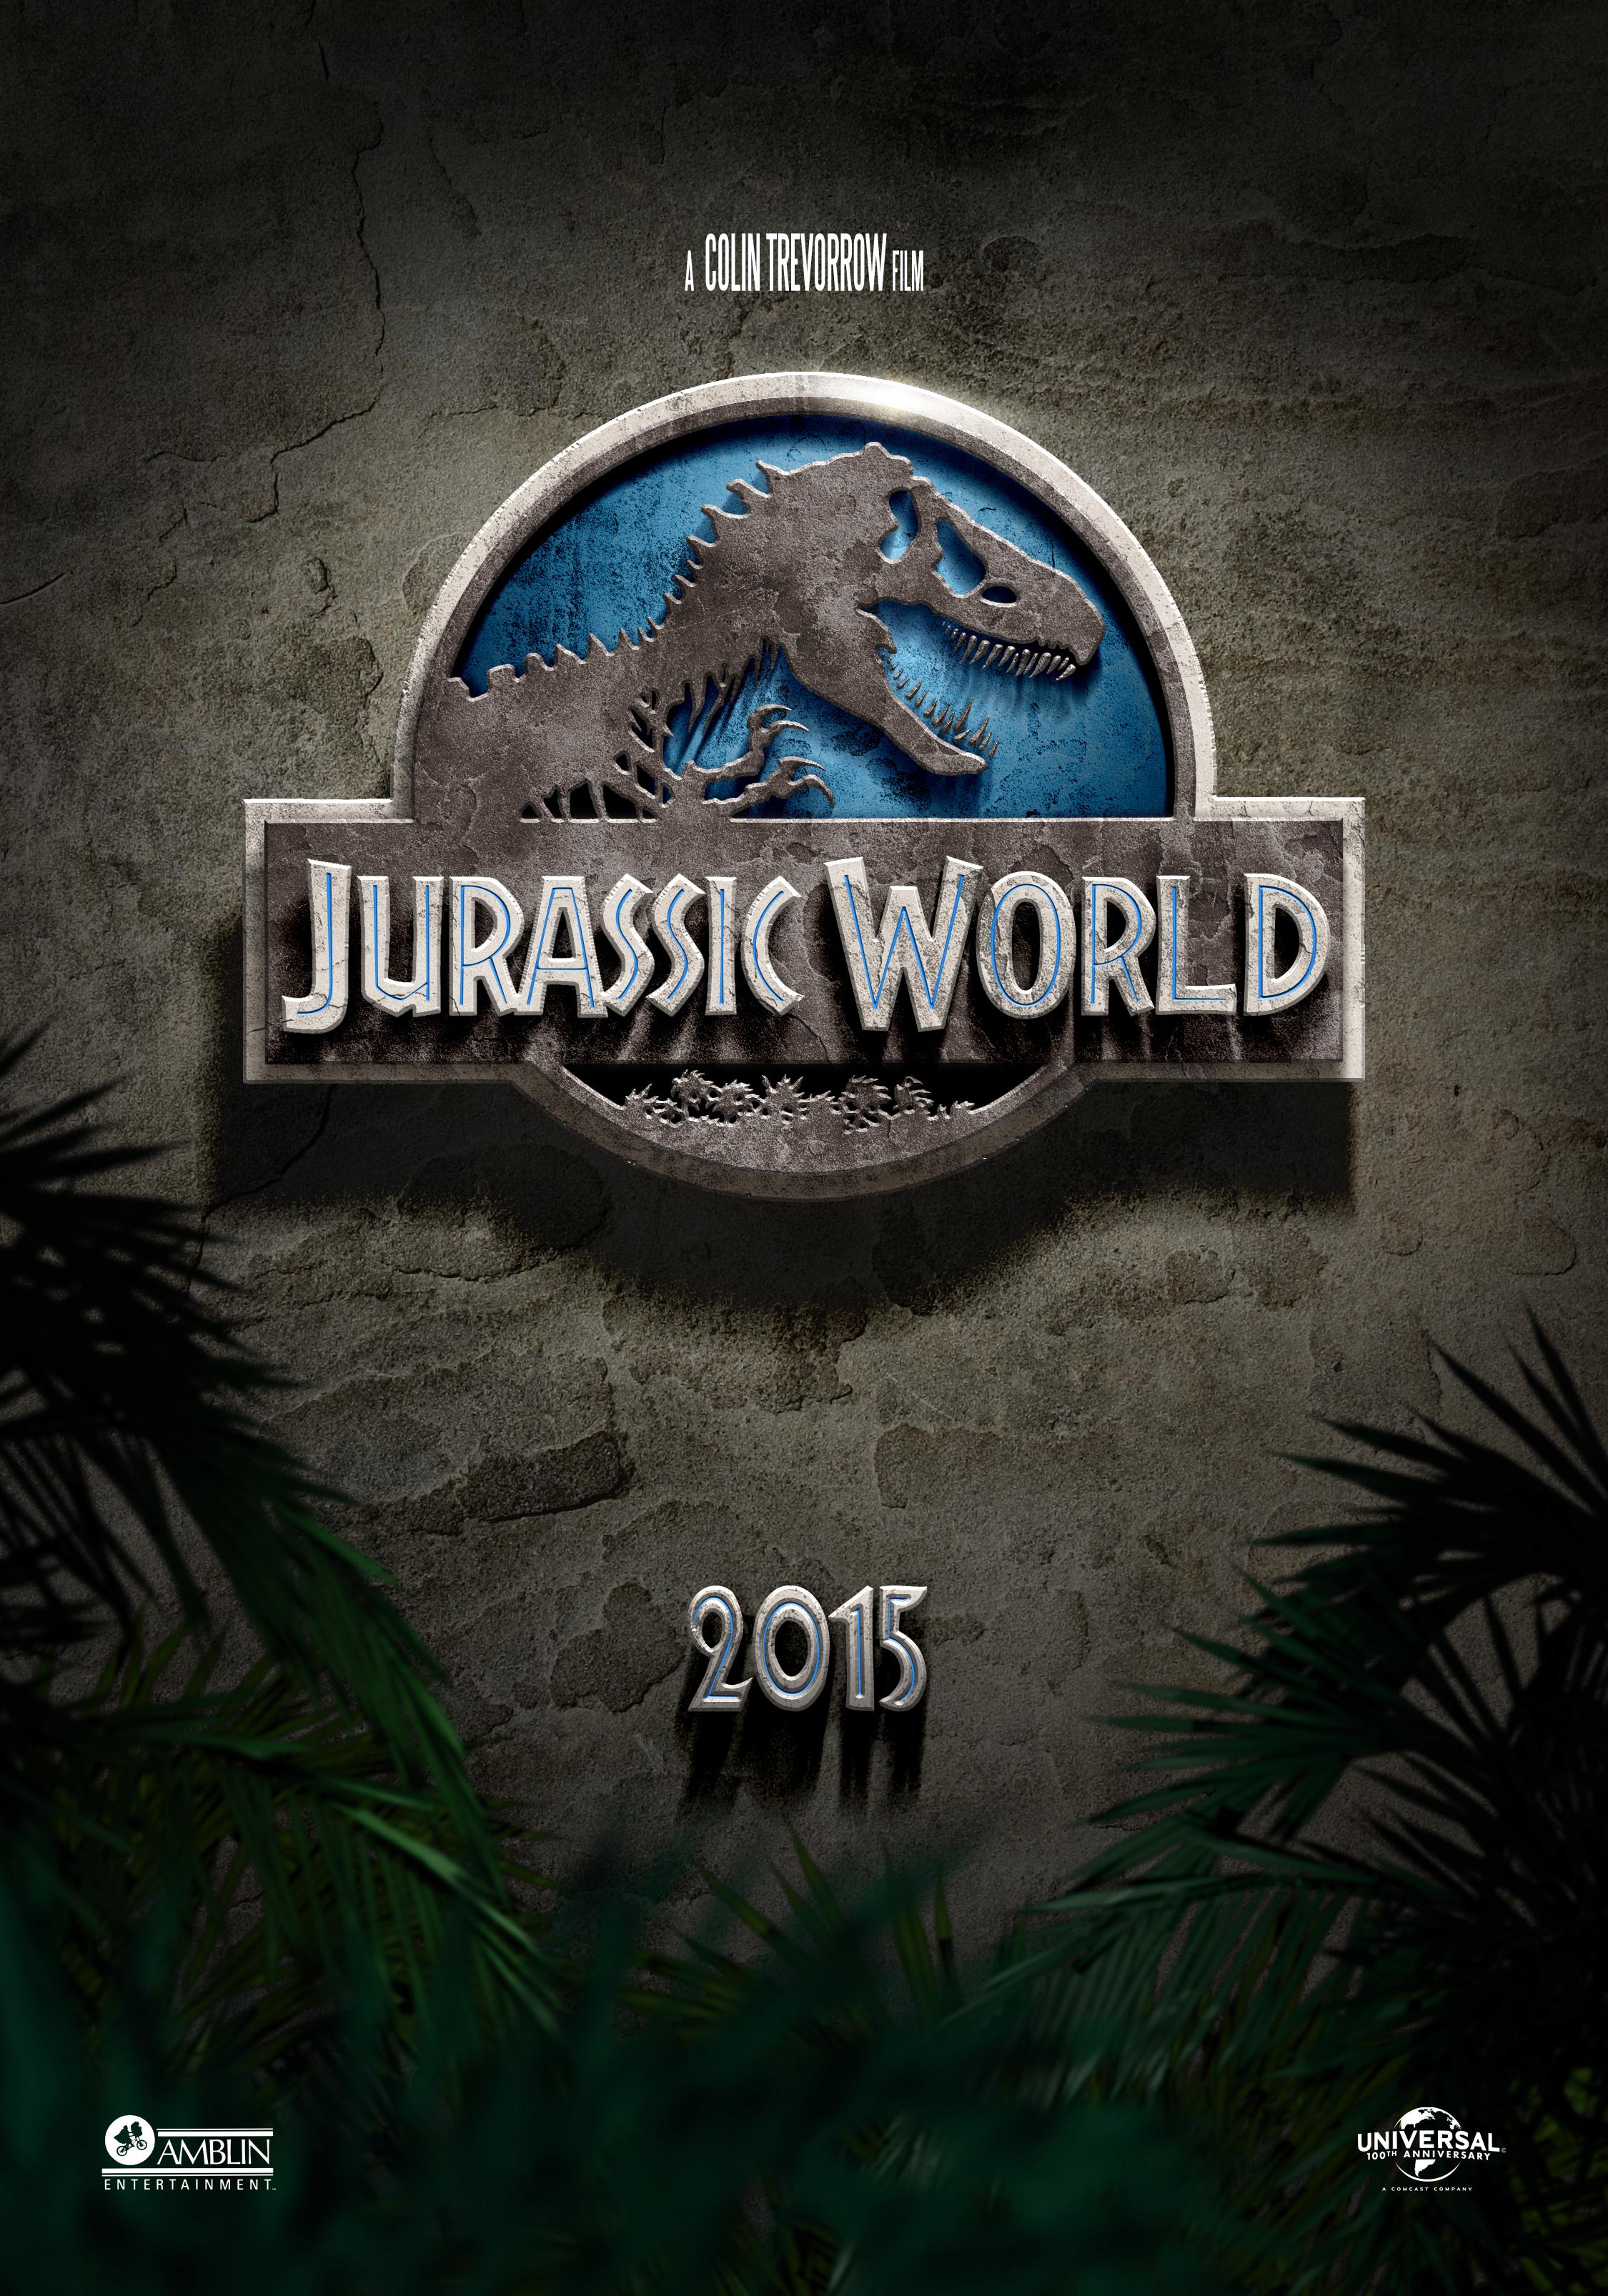 Jurassic World sẽ đưa người xem đến một nơi mà ở đó họ được khám phá một thế giới mà họ chưa từng nhìn thấy trước đây, rộng lớn, kì vĩ, hoang dã và không hề an toàn như họ tưởng tượng